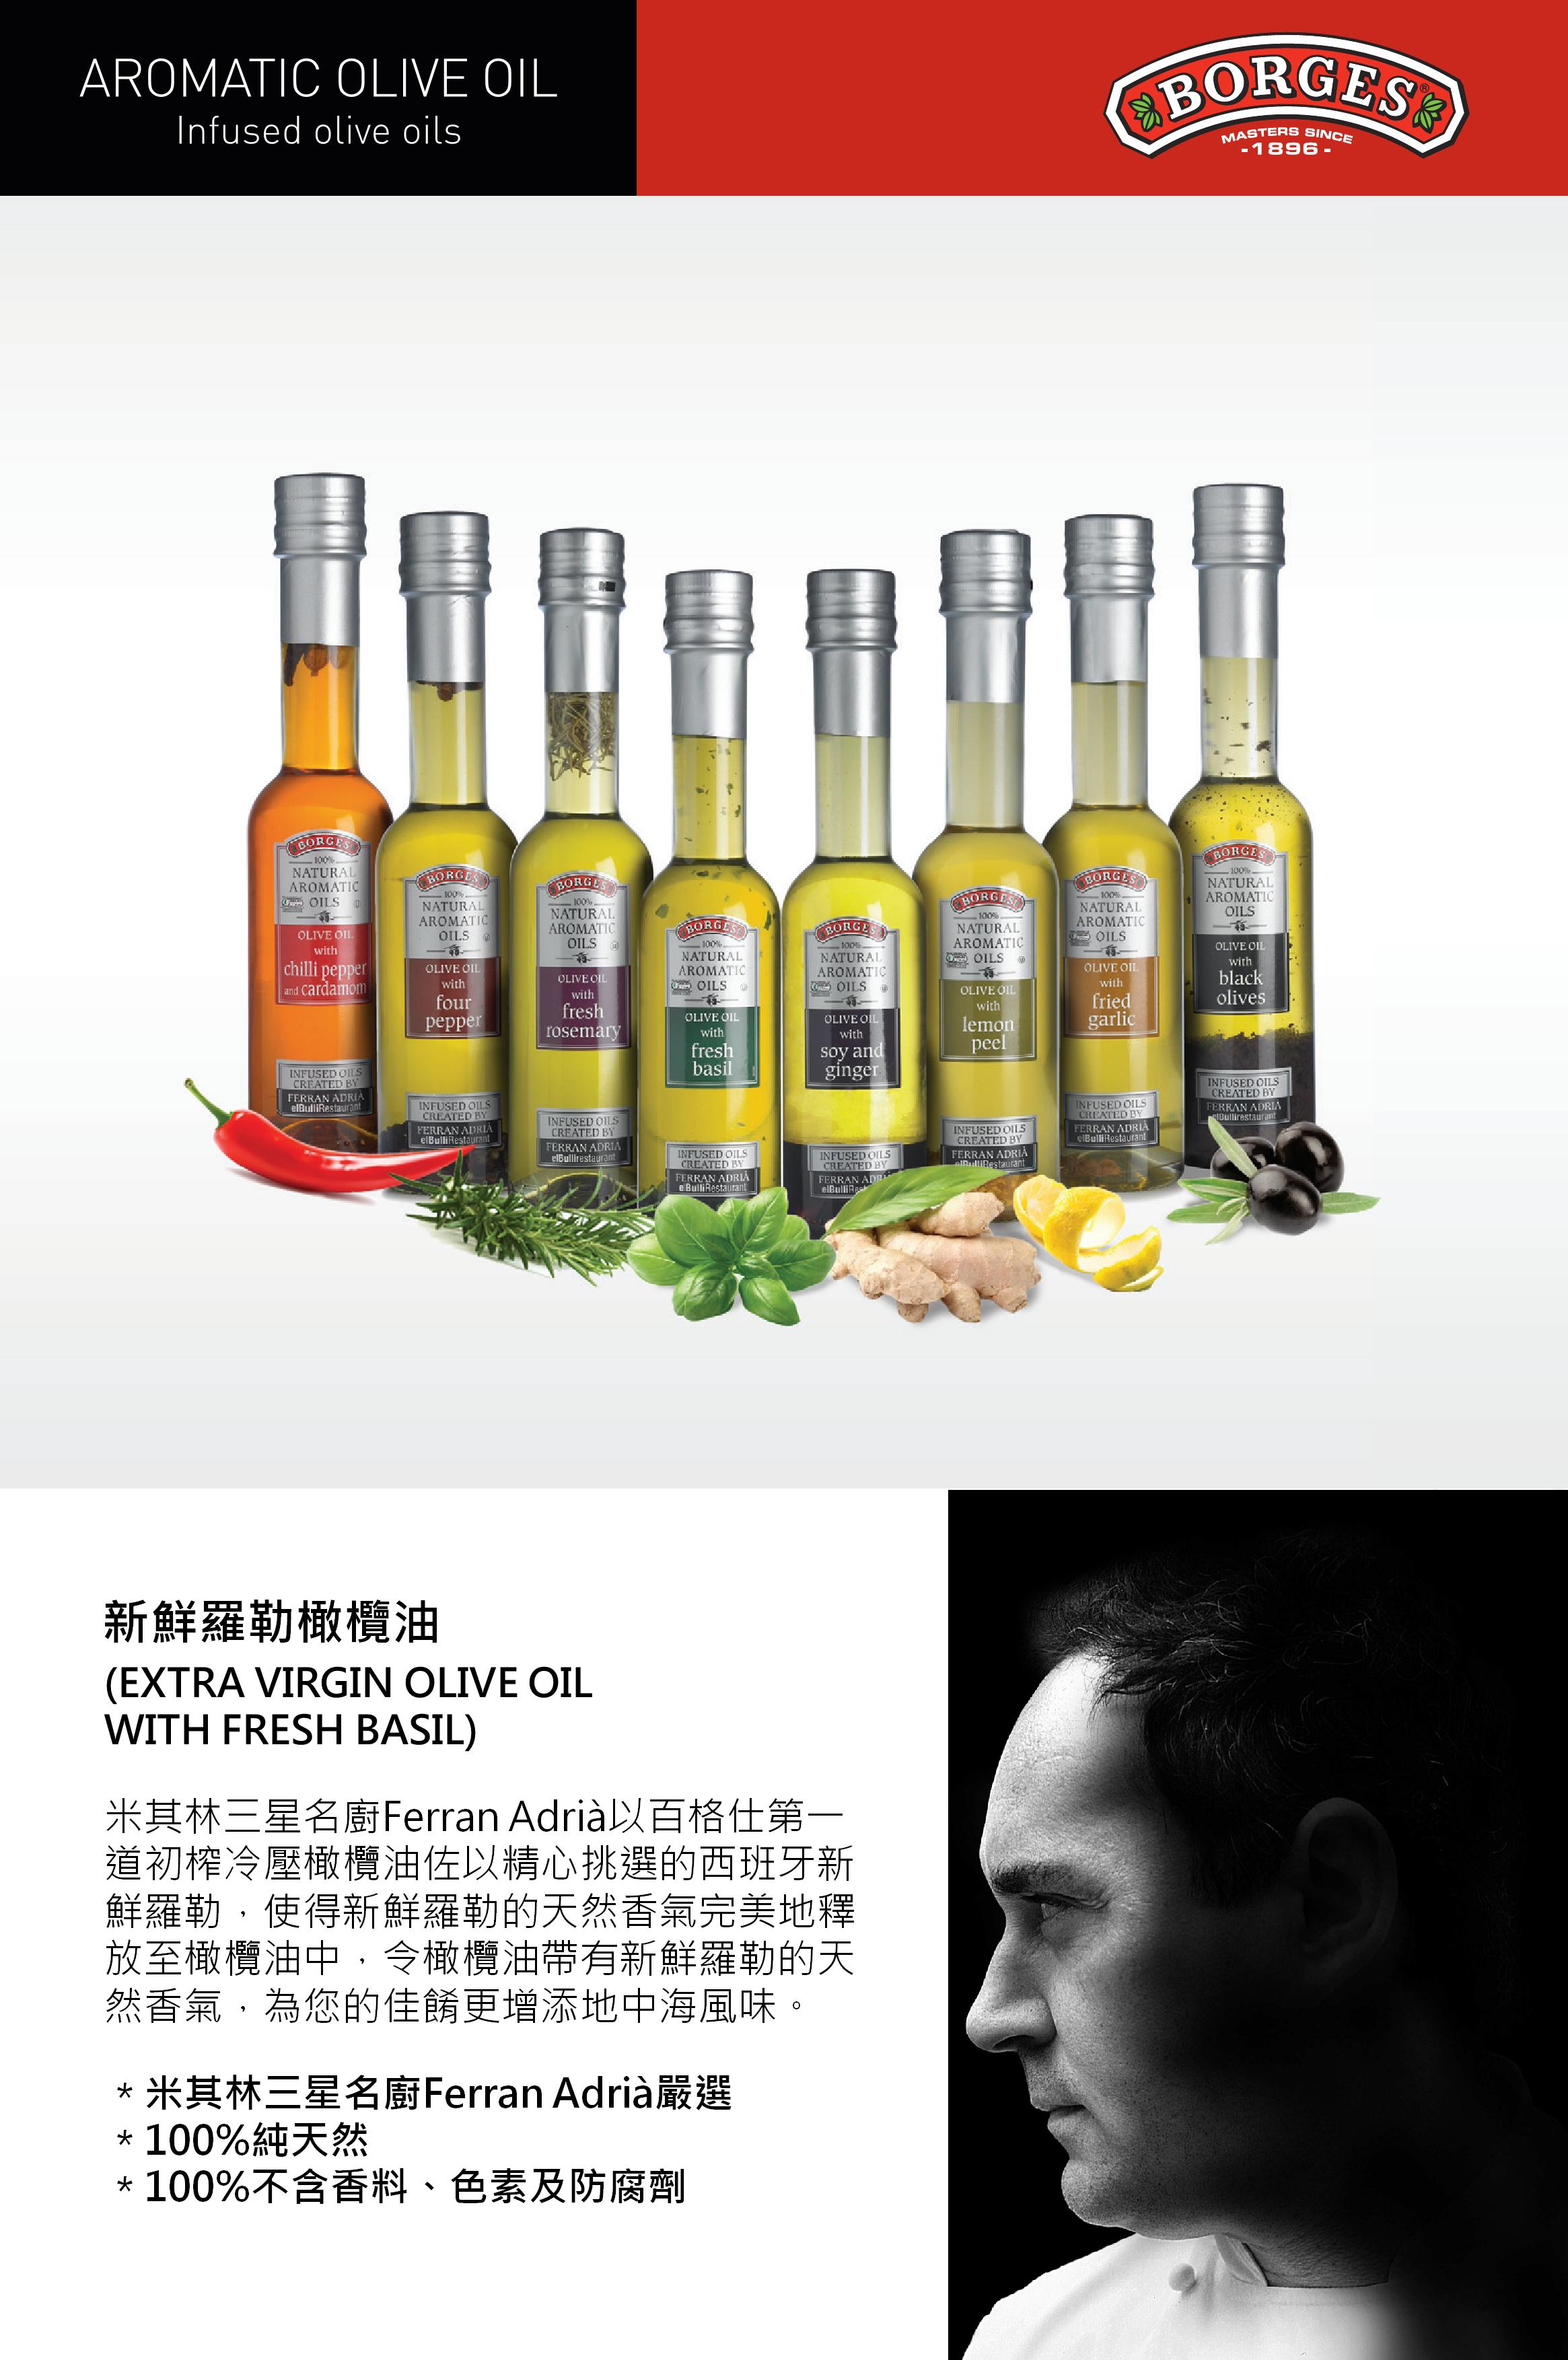 新鮮羅勒橄欖油